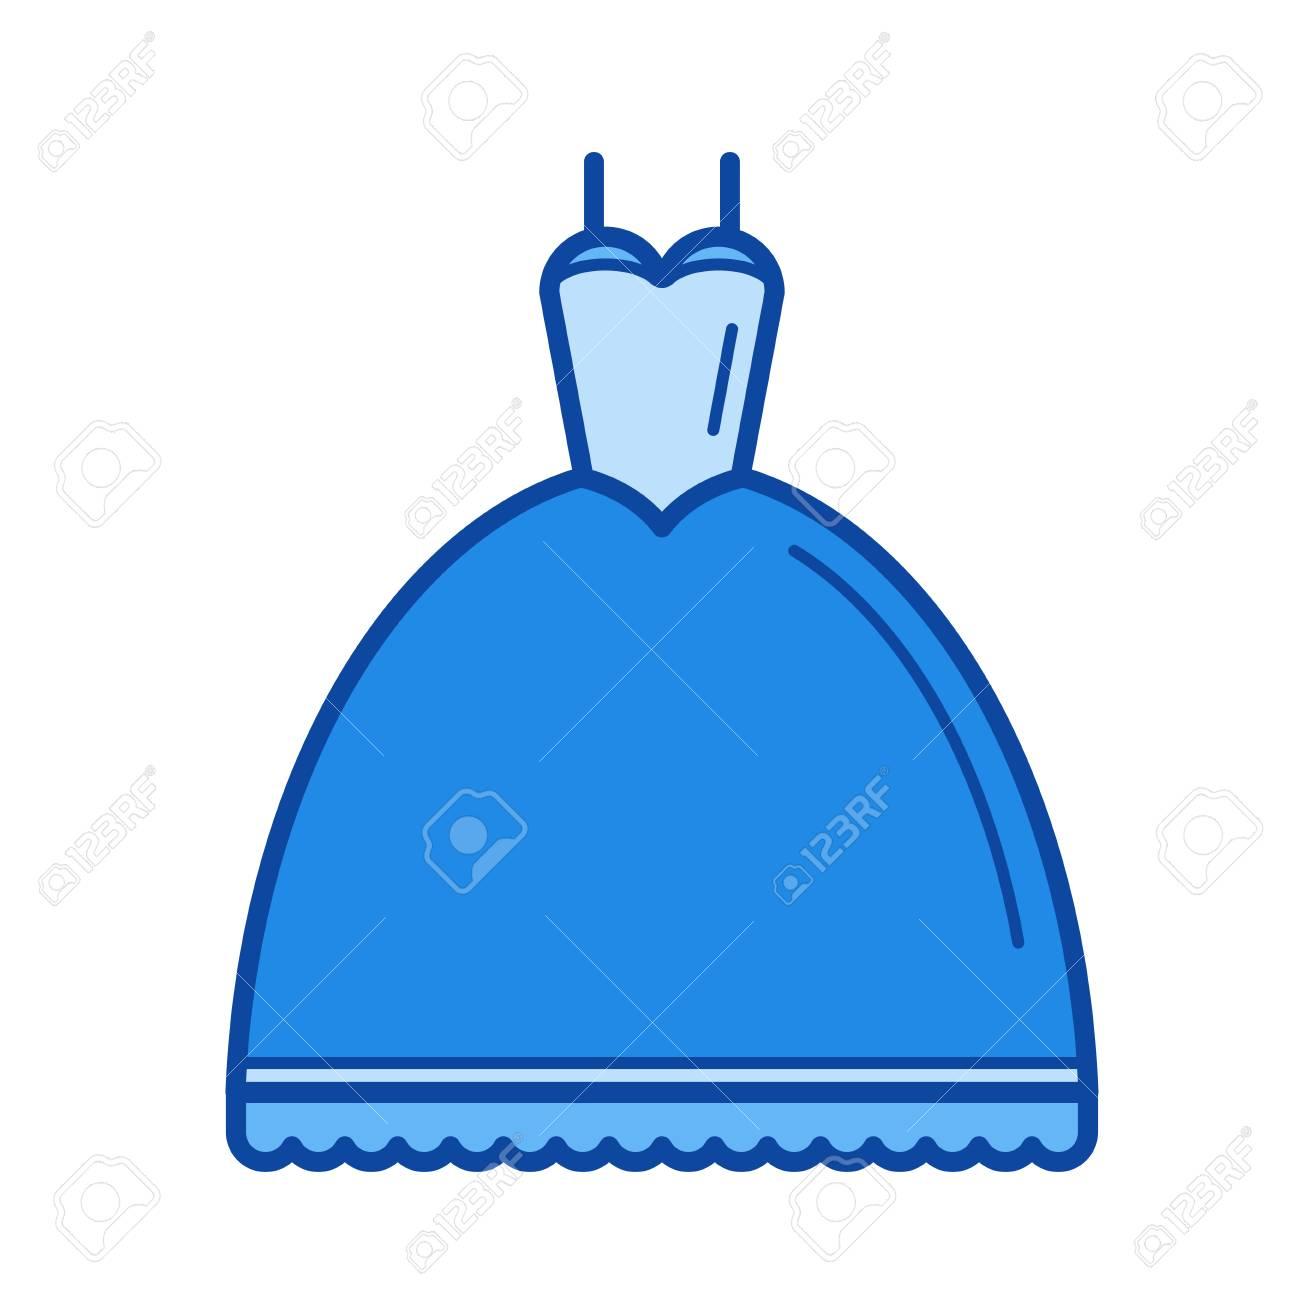 Cone Da Linha Do Vetor Do Vestido De Casamento Isolado No Fundo Branco ãcone Da Linha De Vestido De Casamento Para Infogrãfico Site Ou Aplicativo